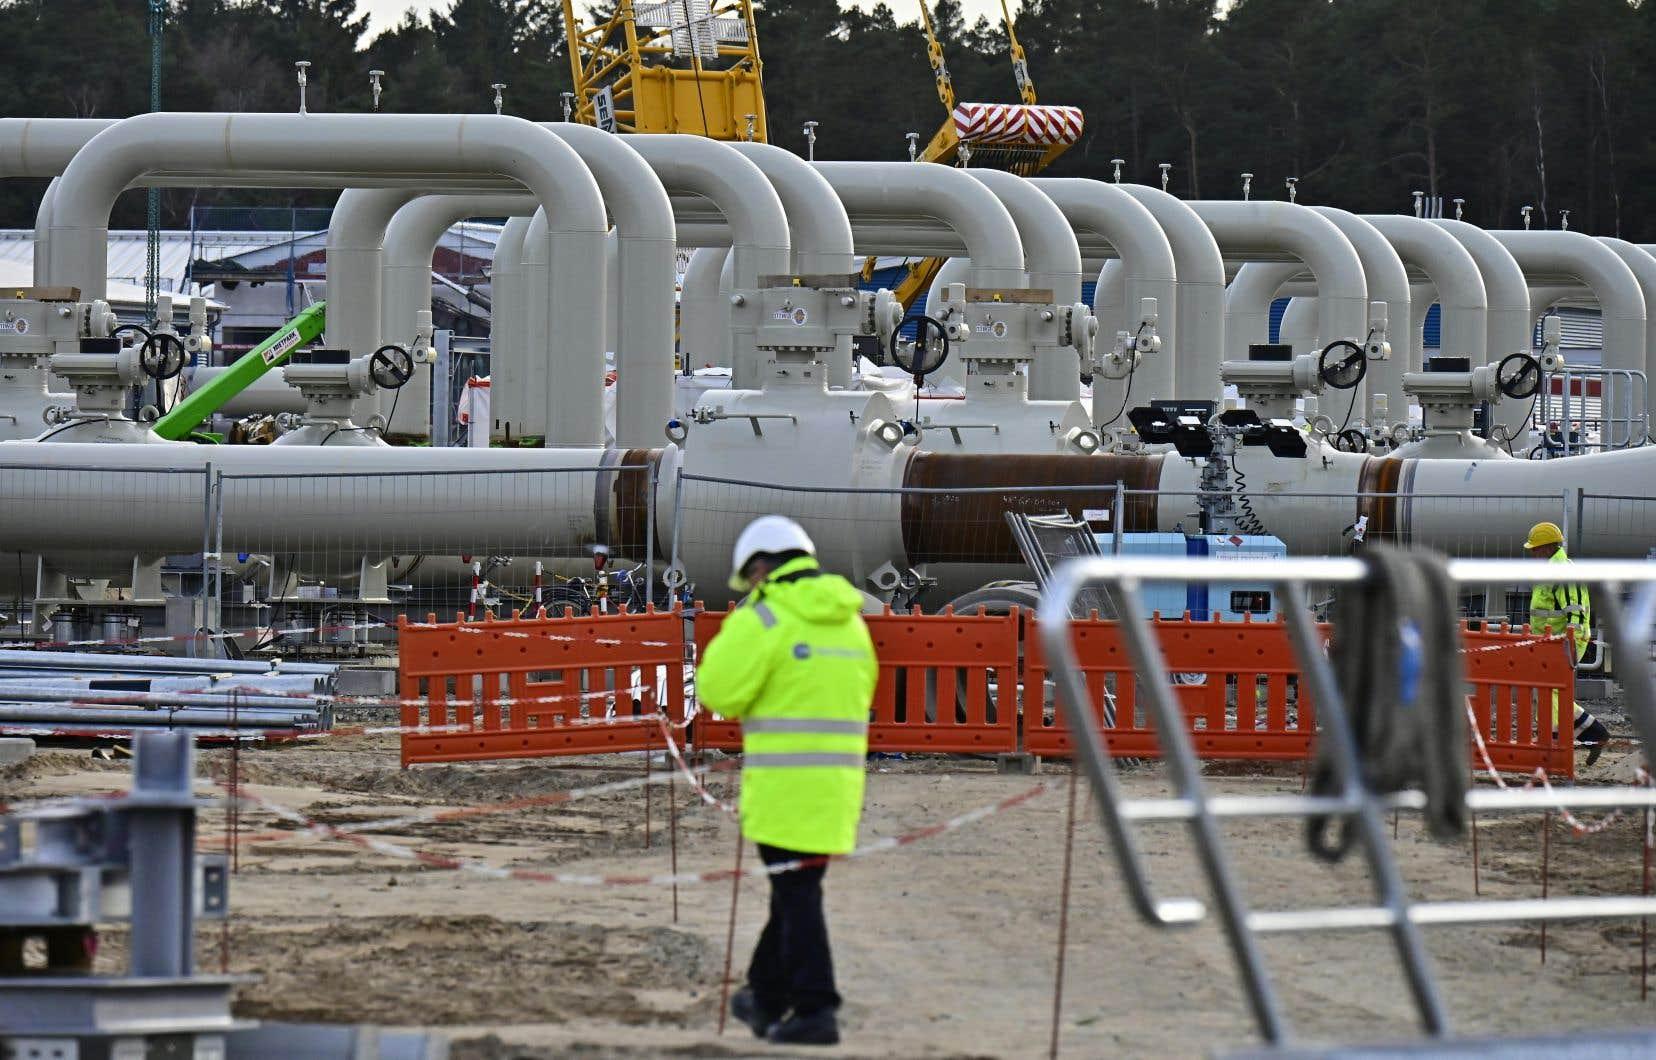 Le gaz serait appelé à jouer un rôle, même essentiel, pour les dix prochaines années au moins, selon l'Institut français des relations internationales.